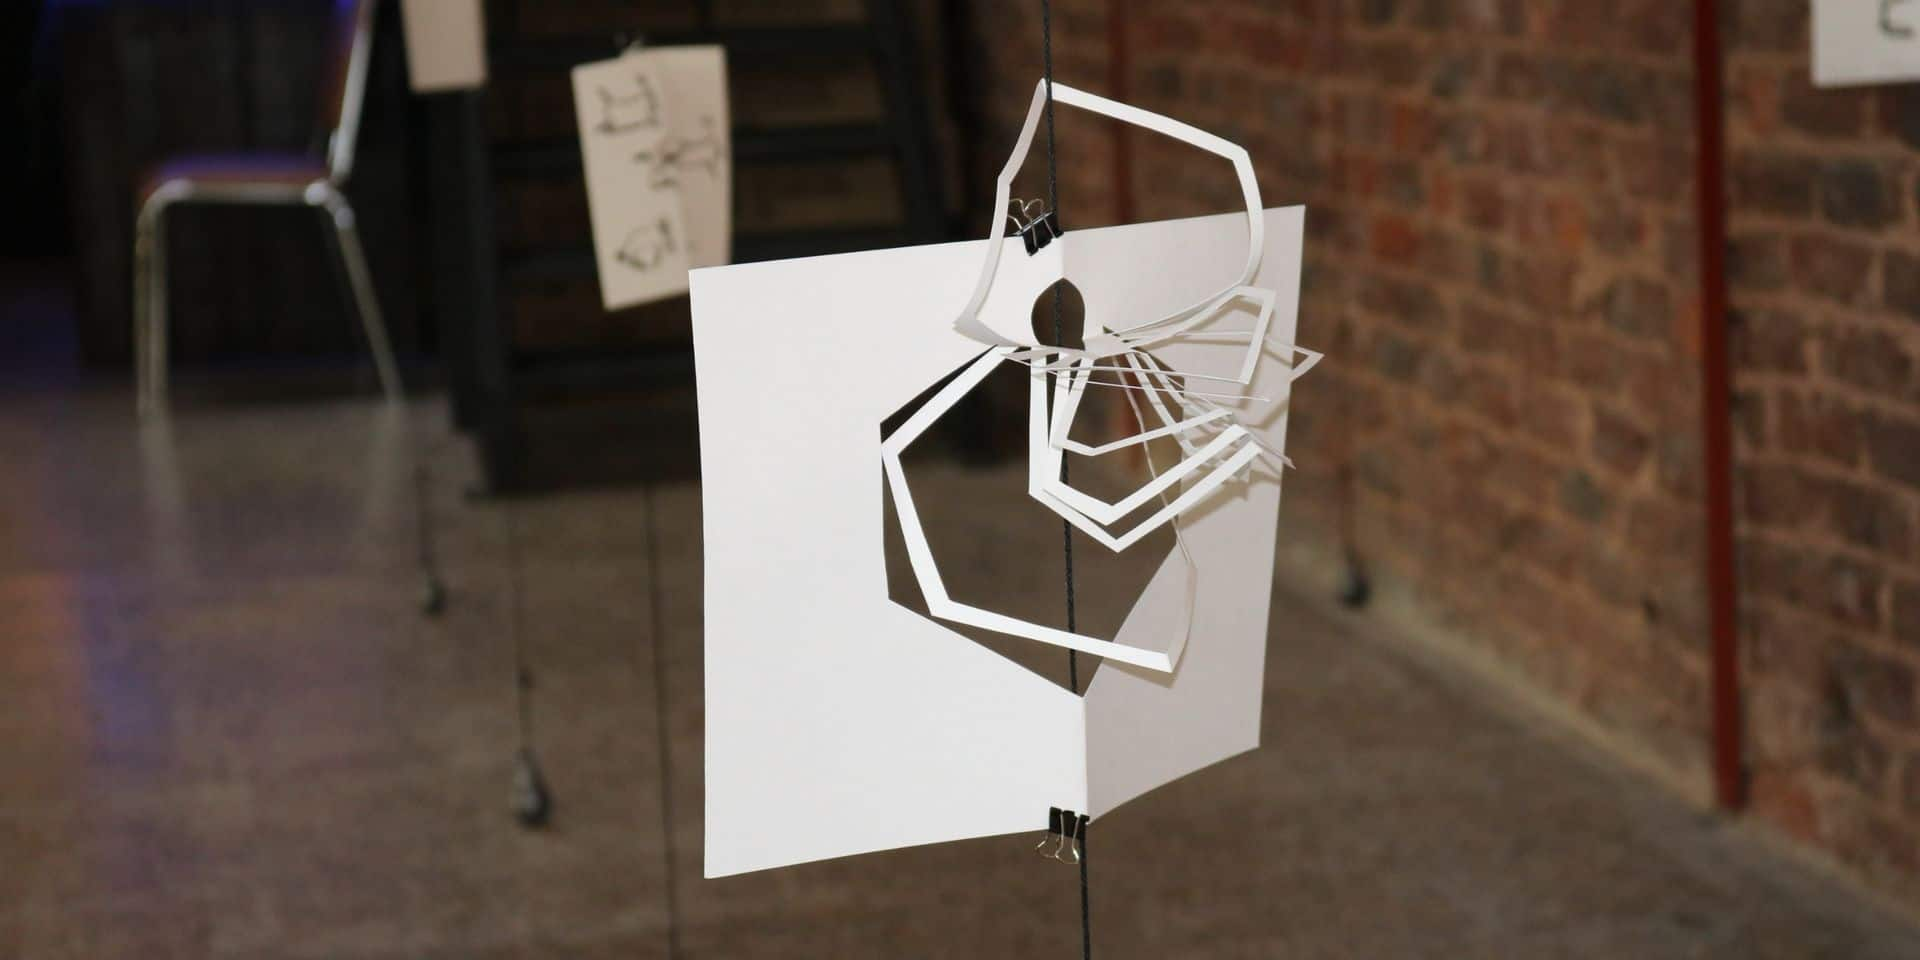 Les sculptins de Nicolas Alquin